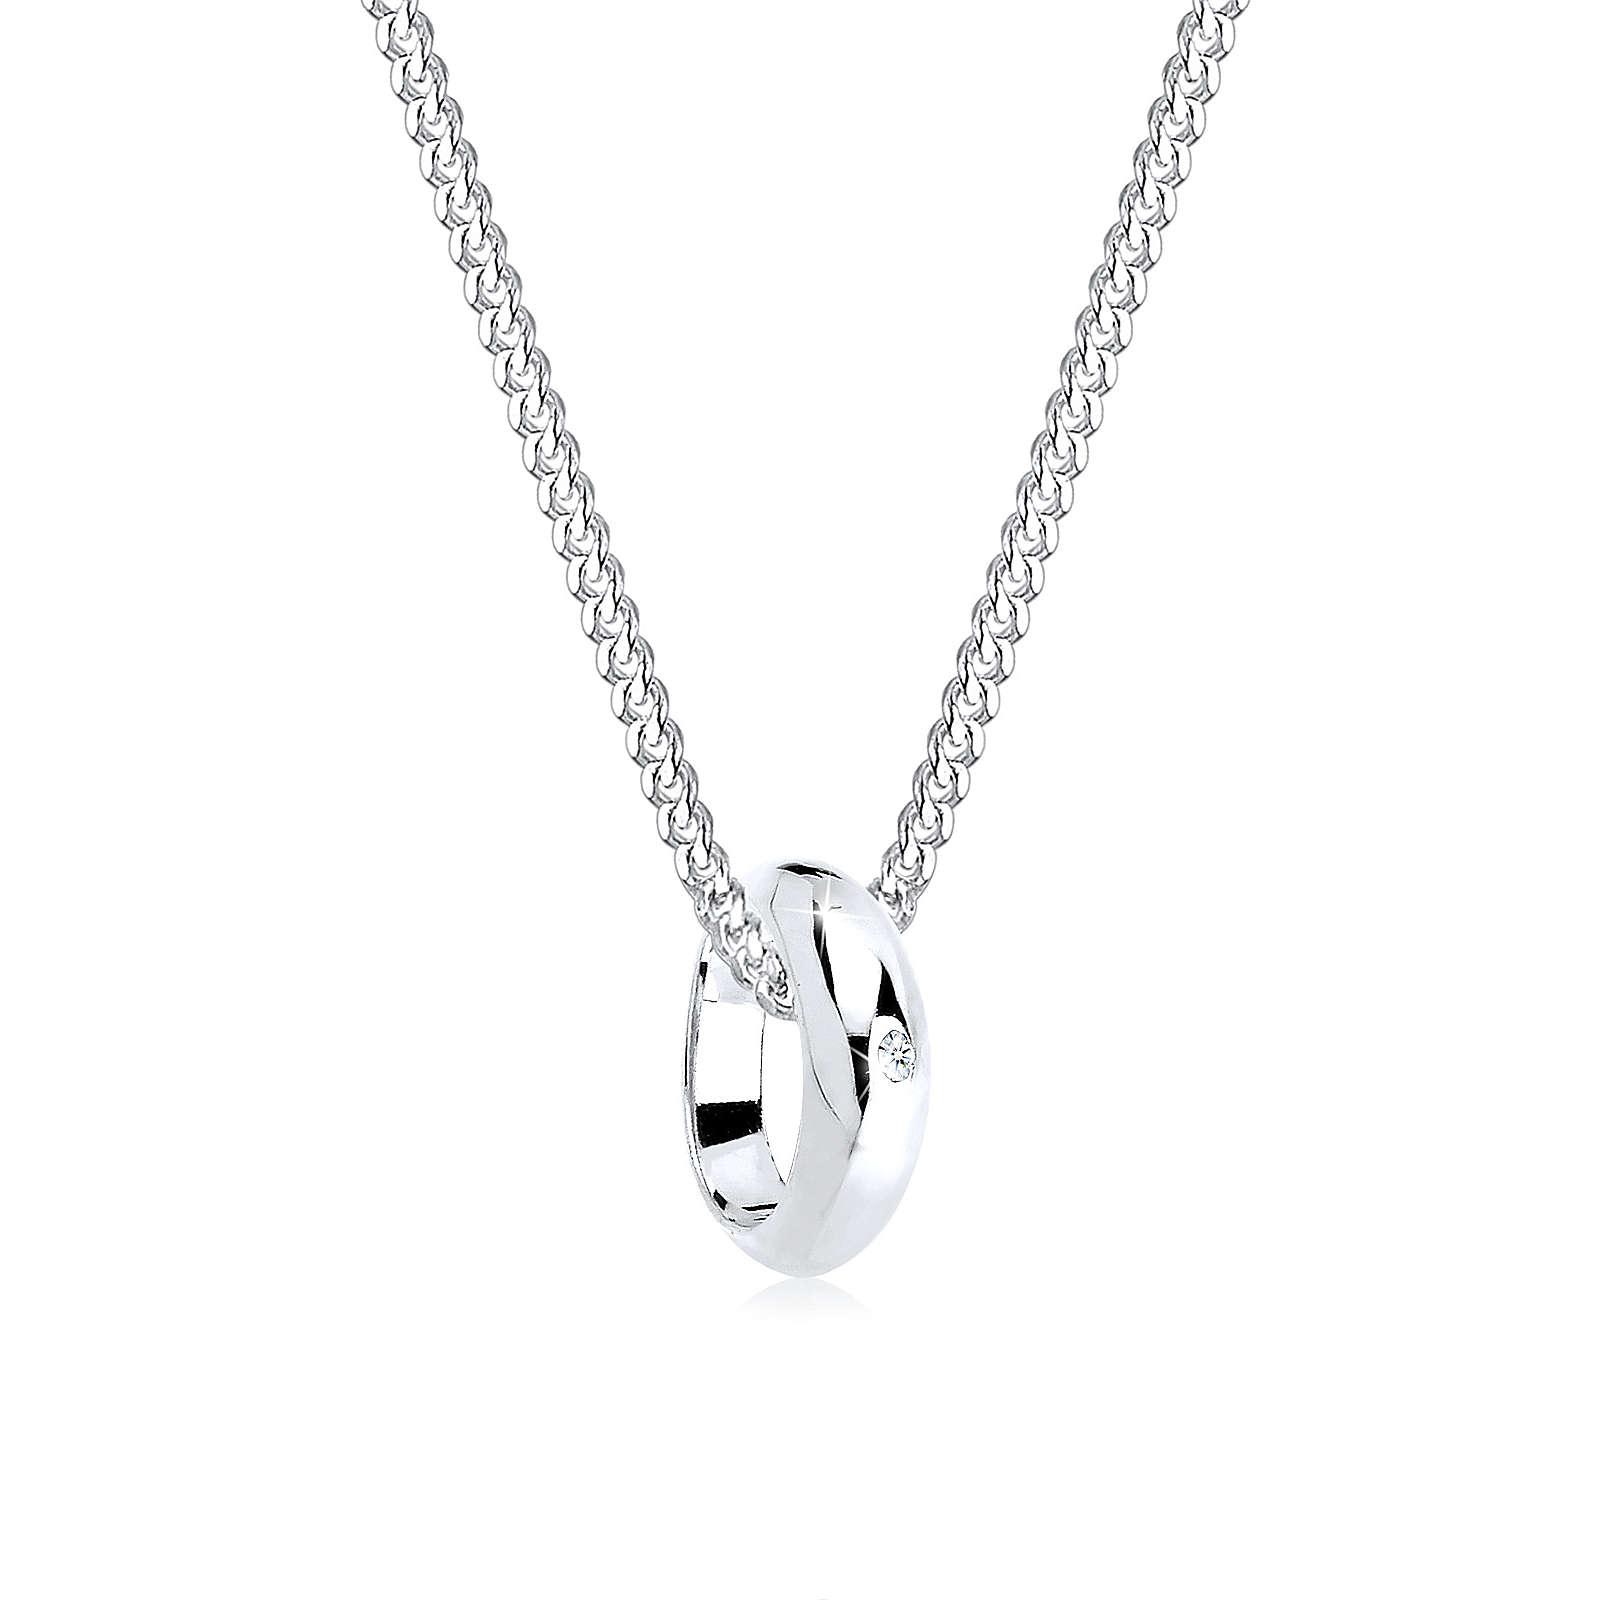 Diamore Halskette Kreis Ring Diamant 925 Sterling Silber Halsketten weiß Damen Gr. one size